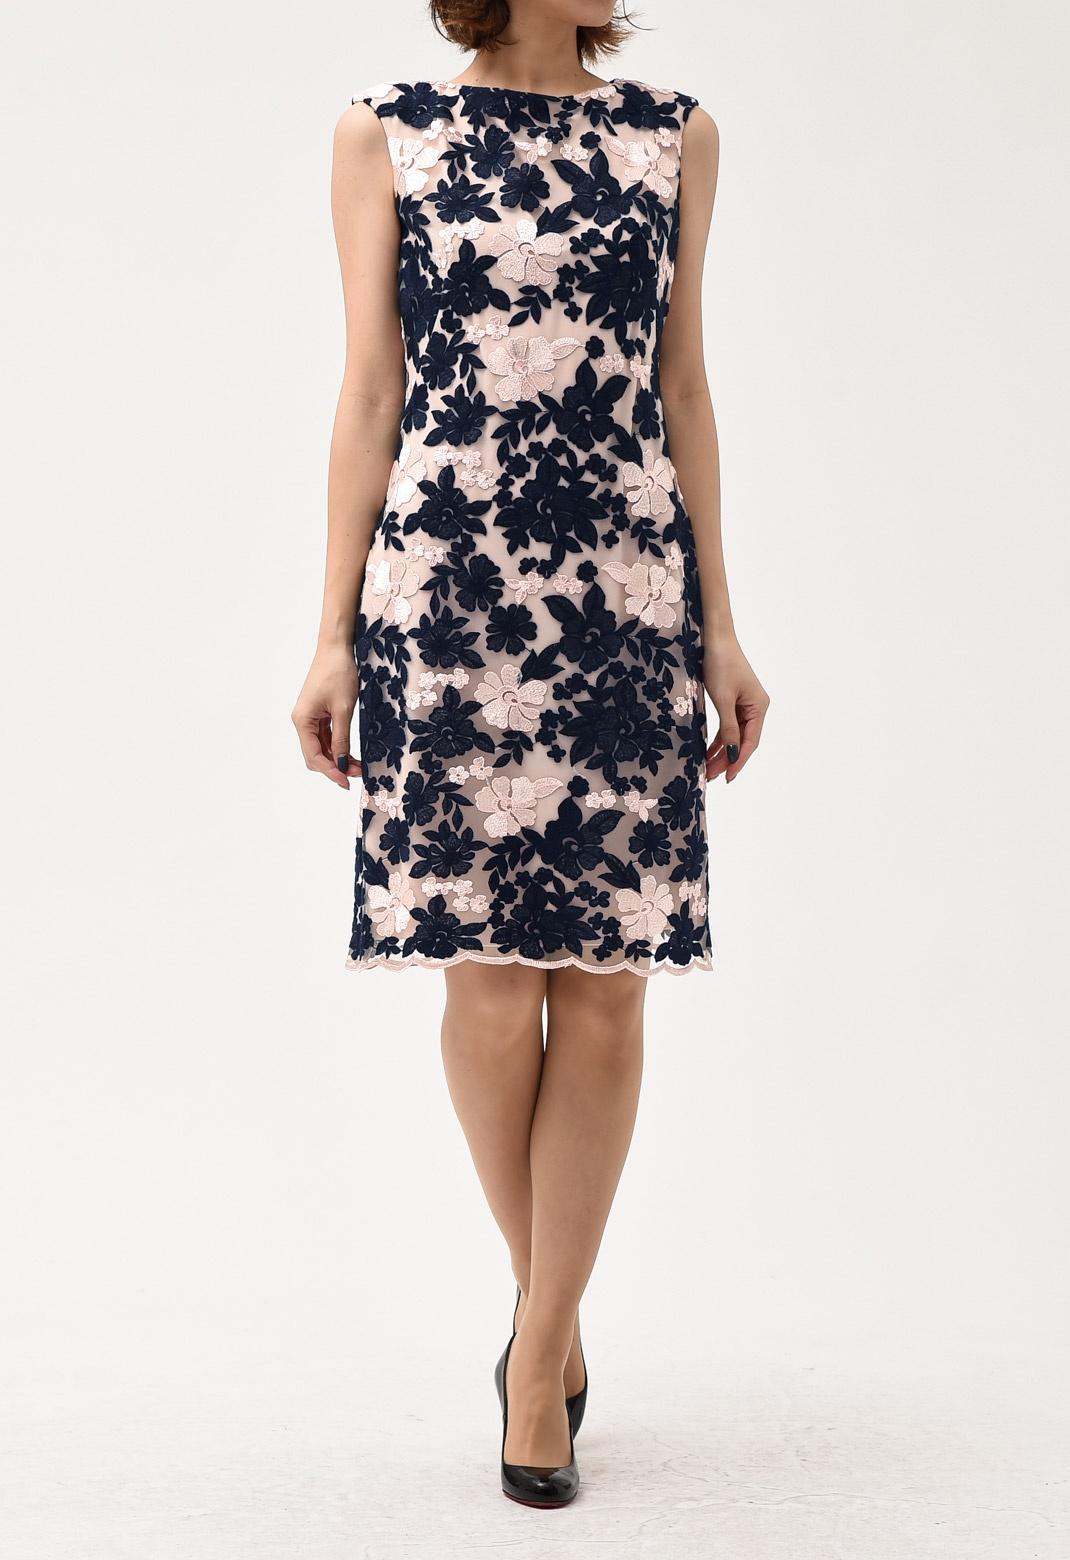 ラルフローレン ピンク× ネイビー フラワー 刺繍 ドレス